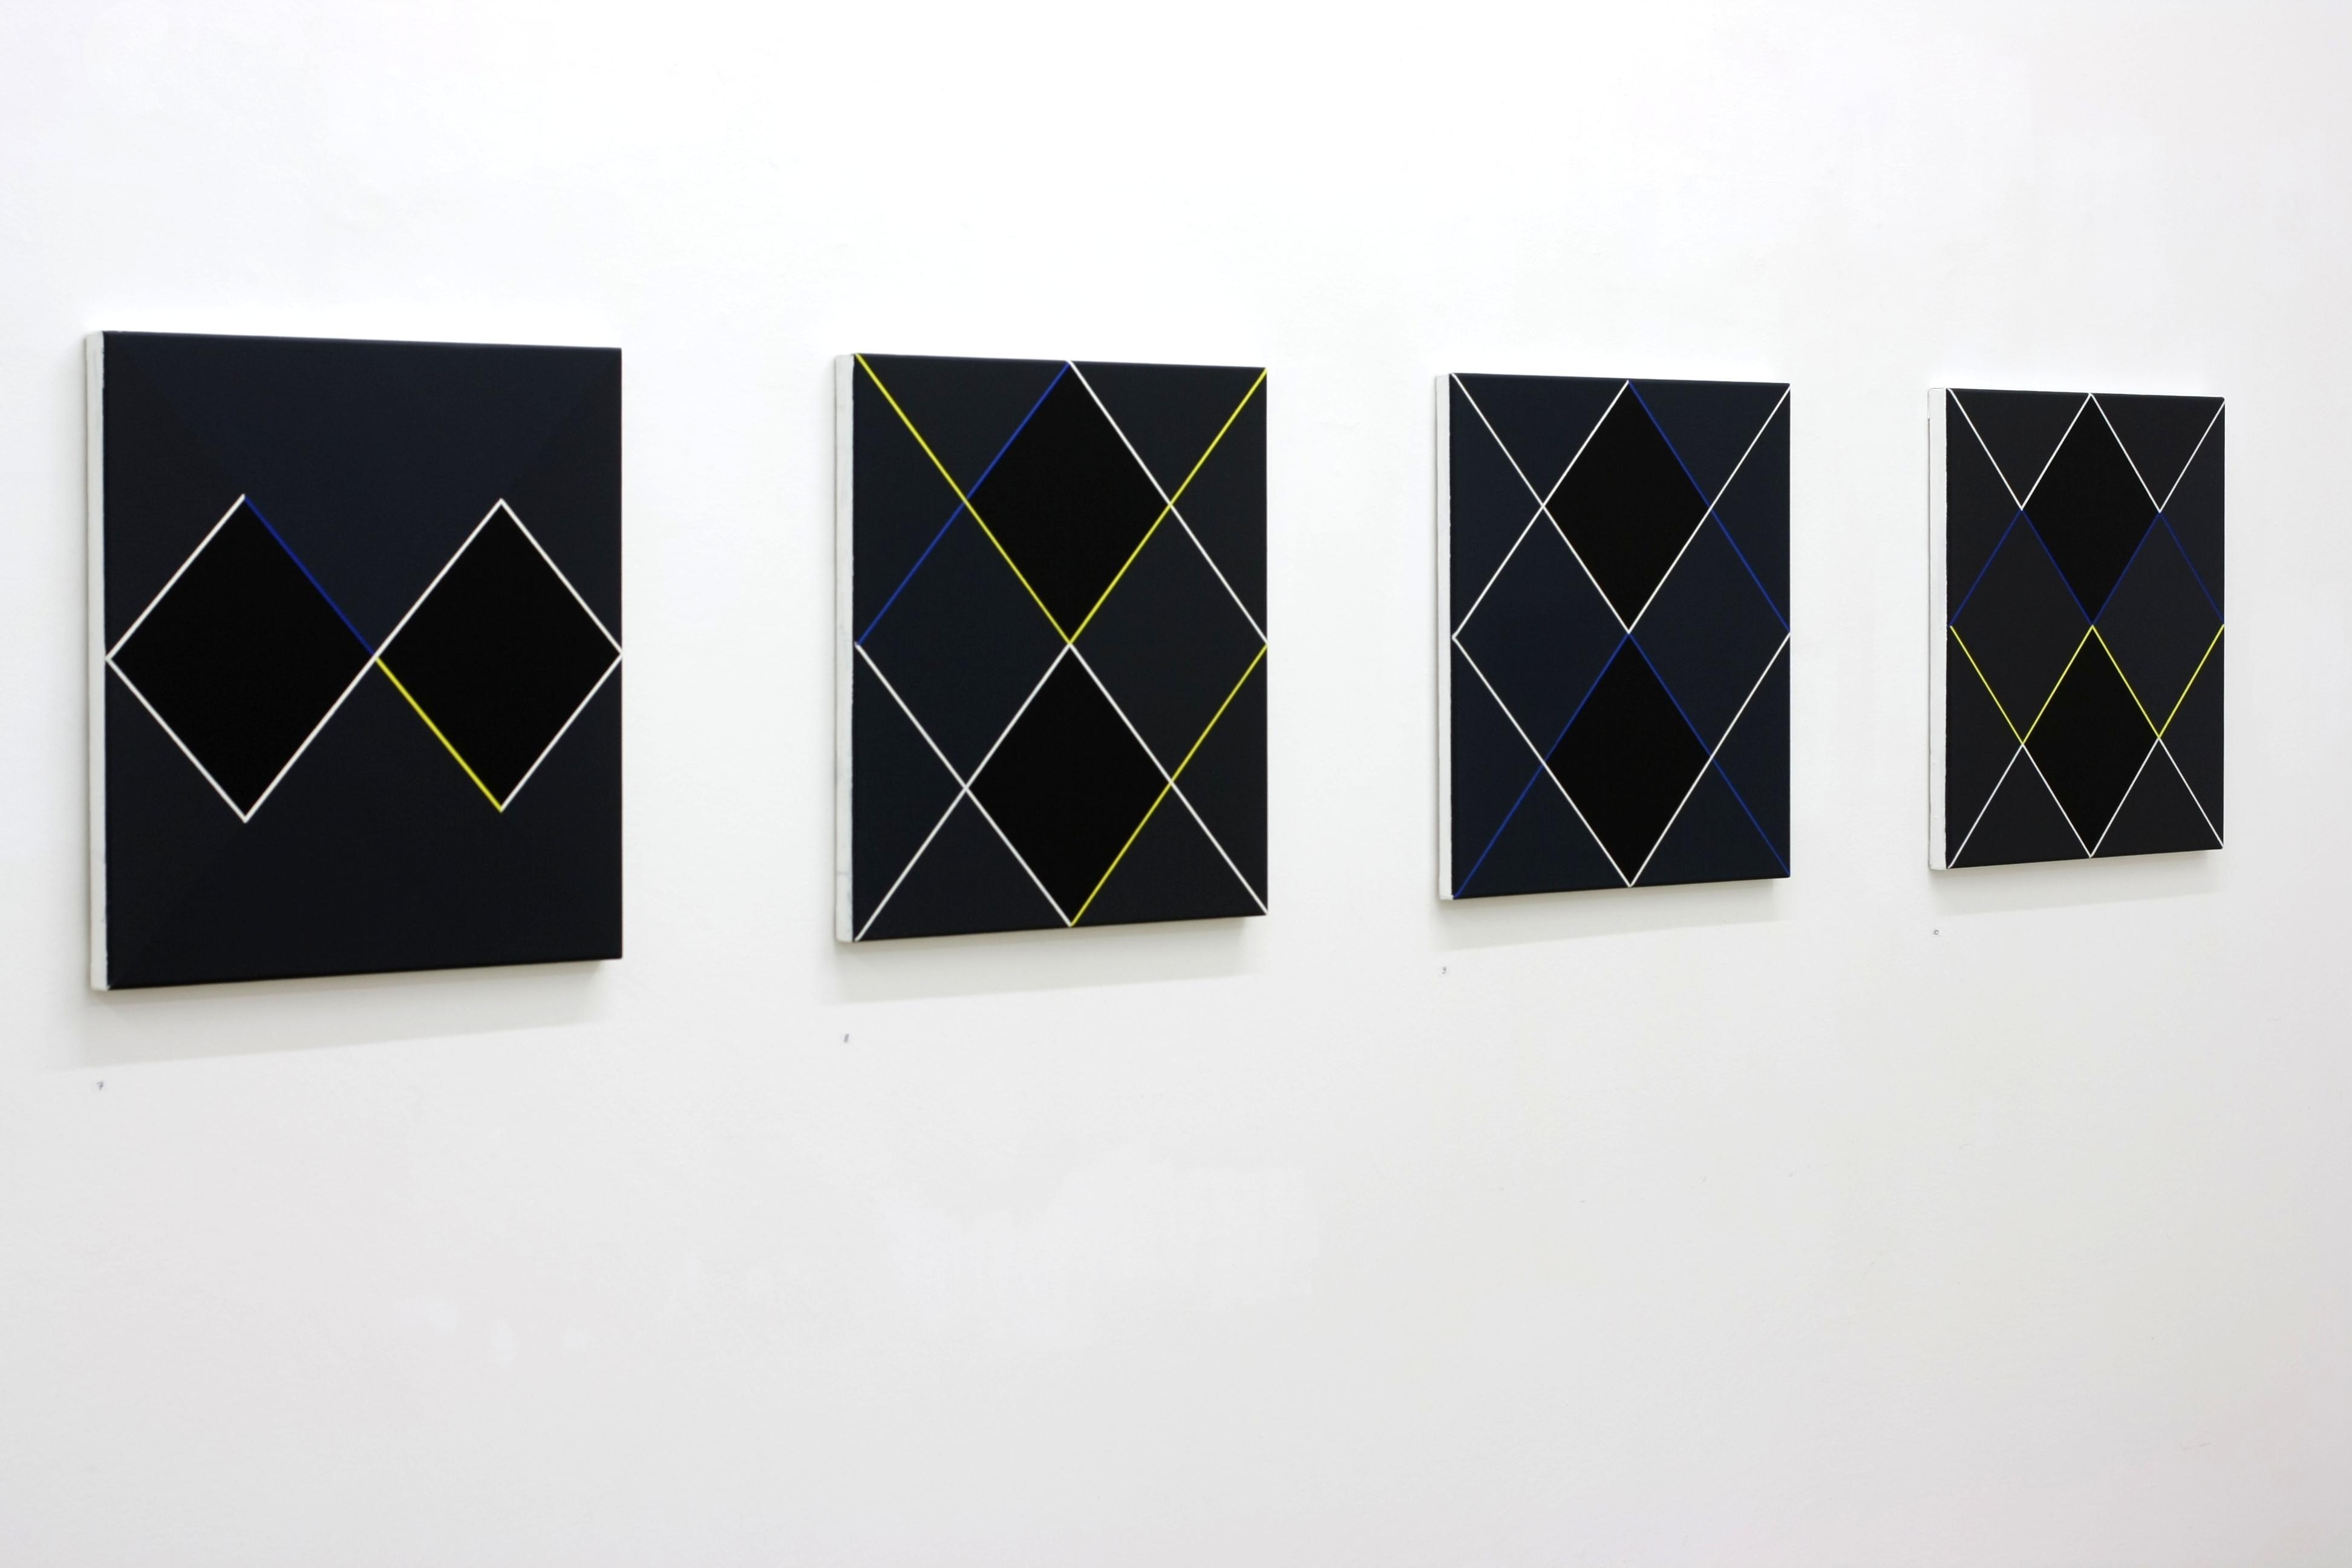 Exhibitions / Ausstellungen - Christian Eder